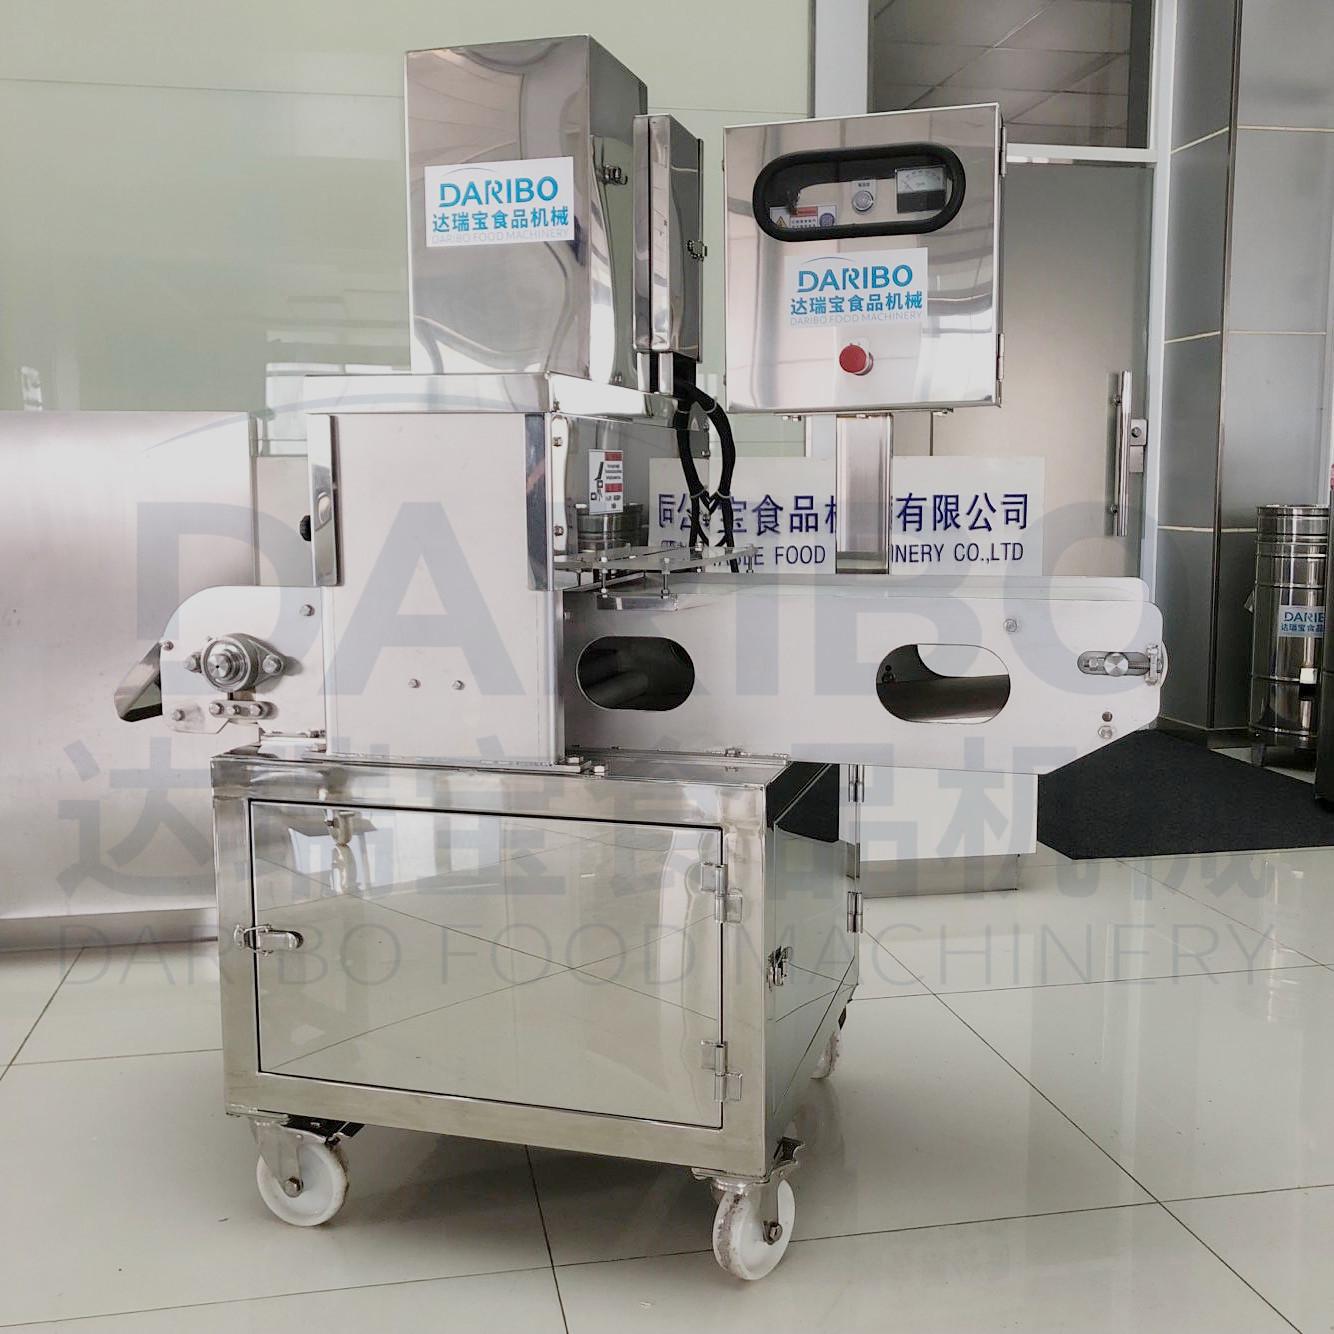 l原形虾糕合成设备仿干贝机 关东煮人造海味切割机 肉类圆压片机